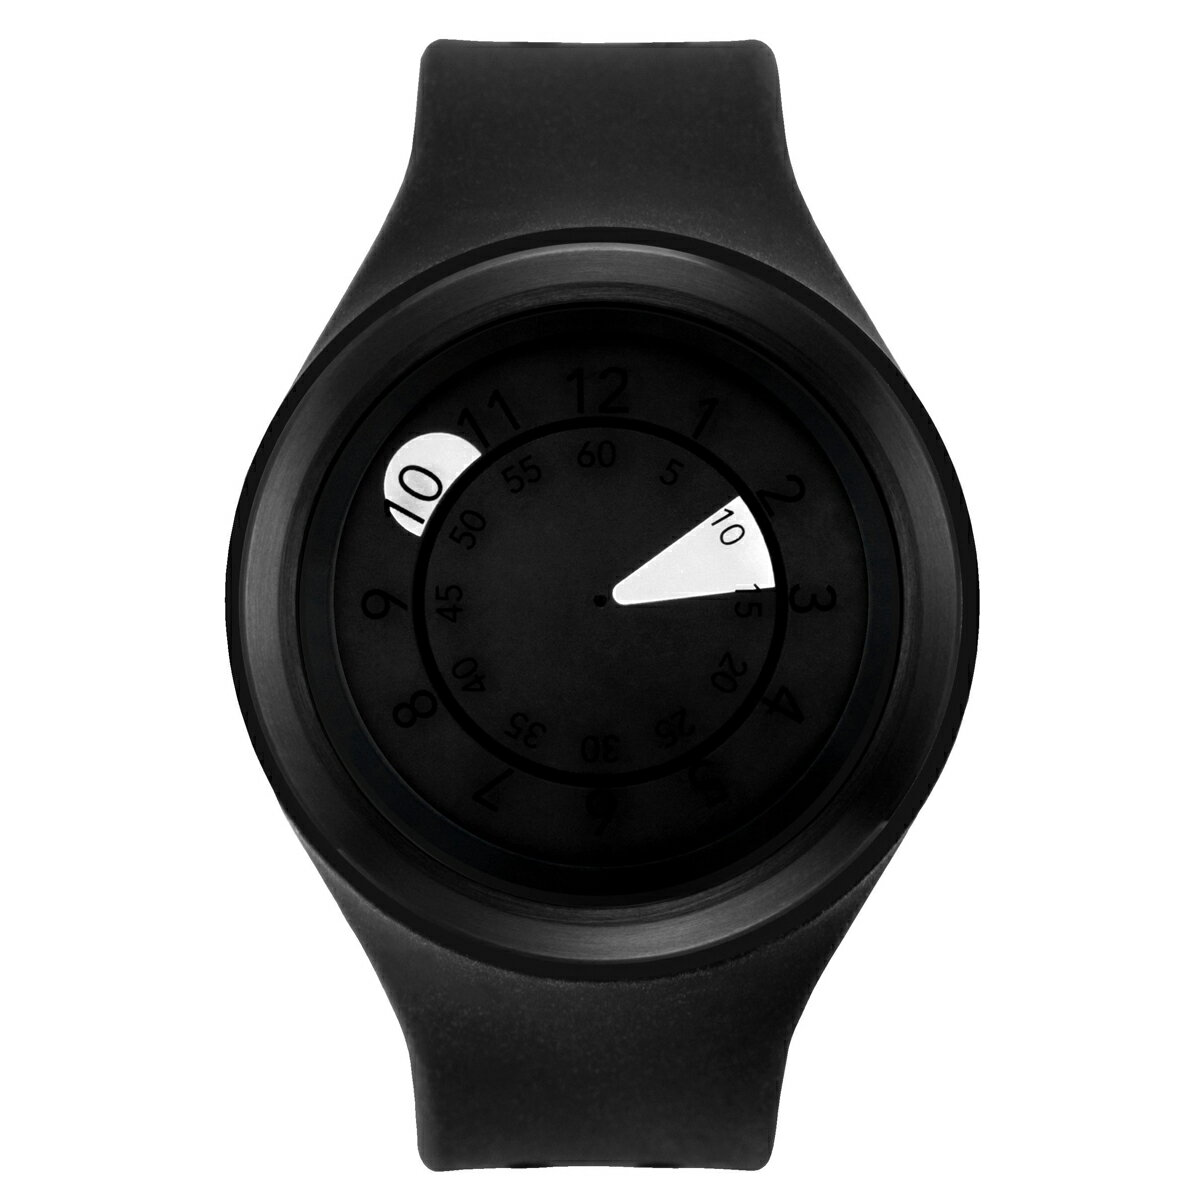 ZEROO AQUA DROP ゼロ 電池式クォーツ 腕時計 [W01201B03SR02] ブラック デザインウォッチ ペア用 メンズ レディース ユニセックス おしゃれ時計 デザイナーズ